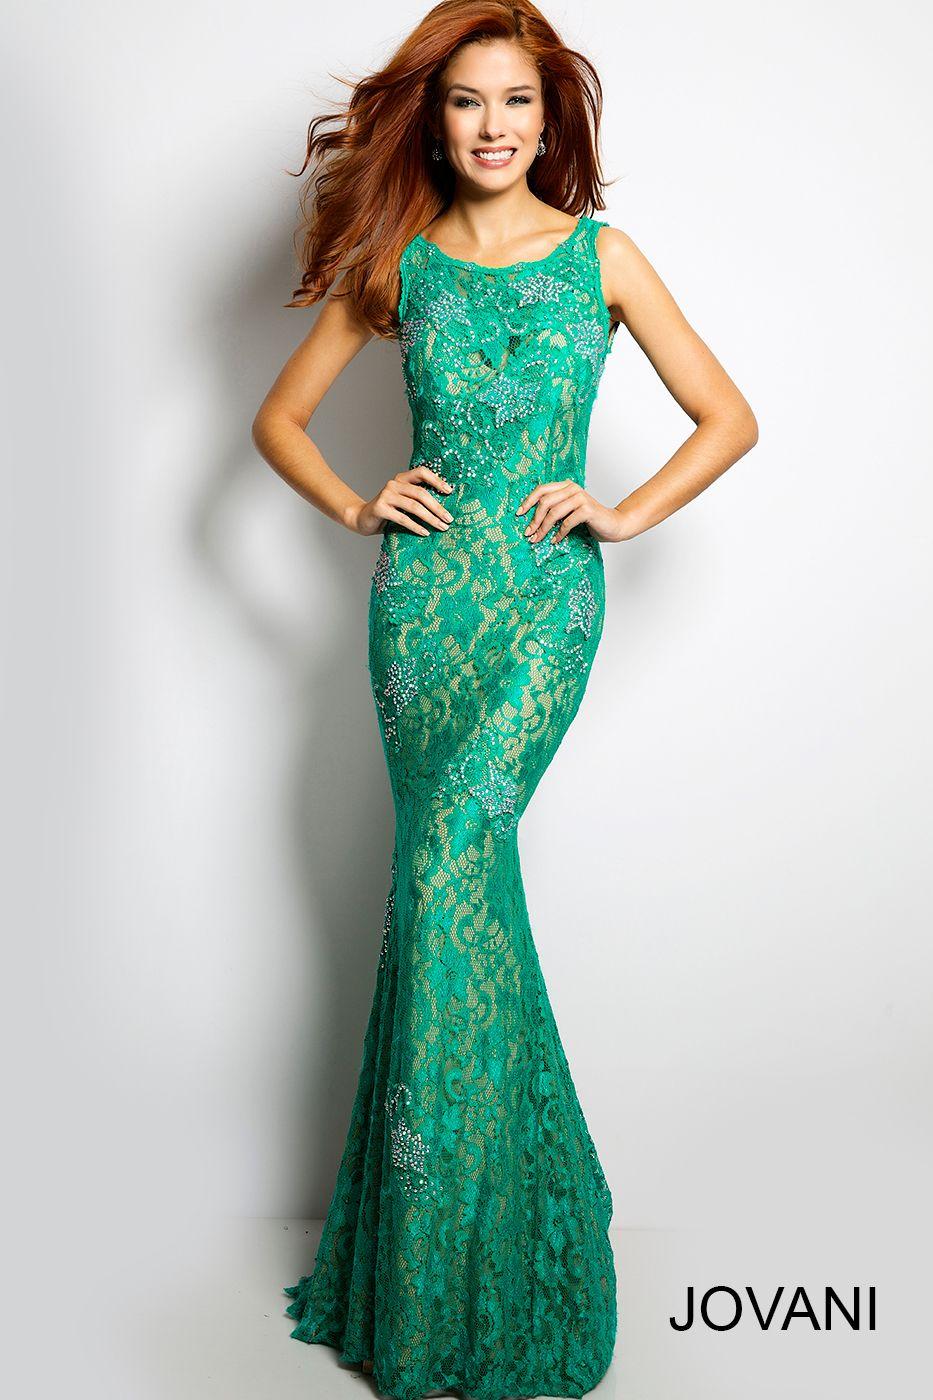 Pin von Sarah Hackworth auf Prom Dresses   Pinterest   Abendkleider ...